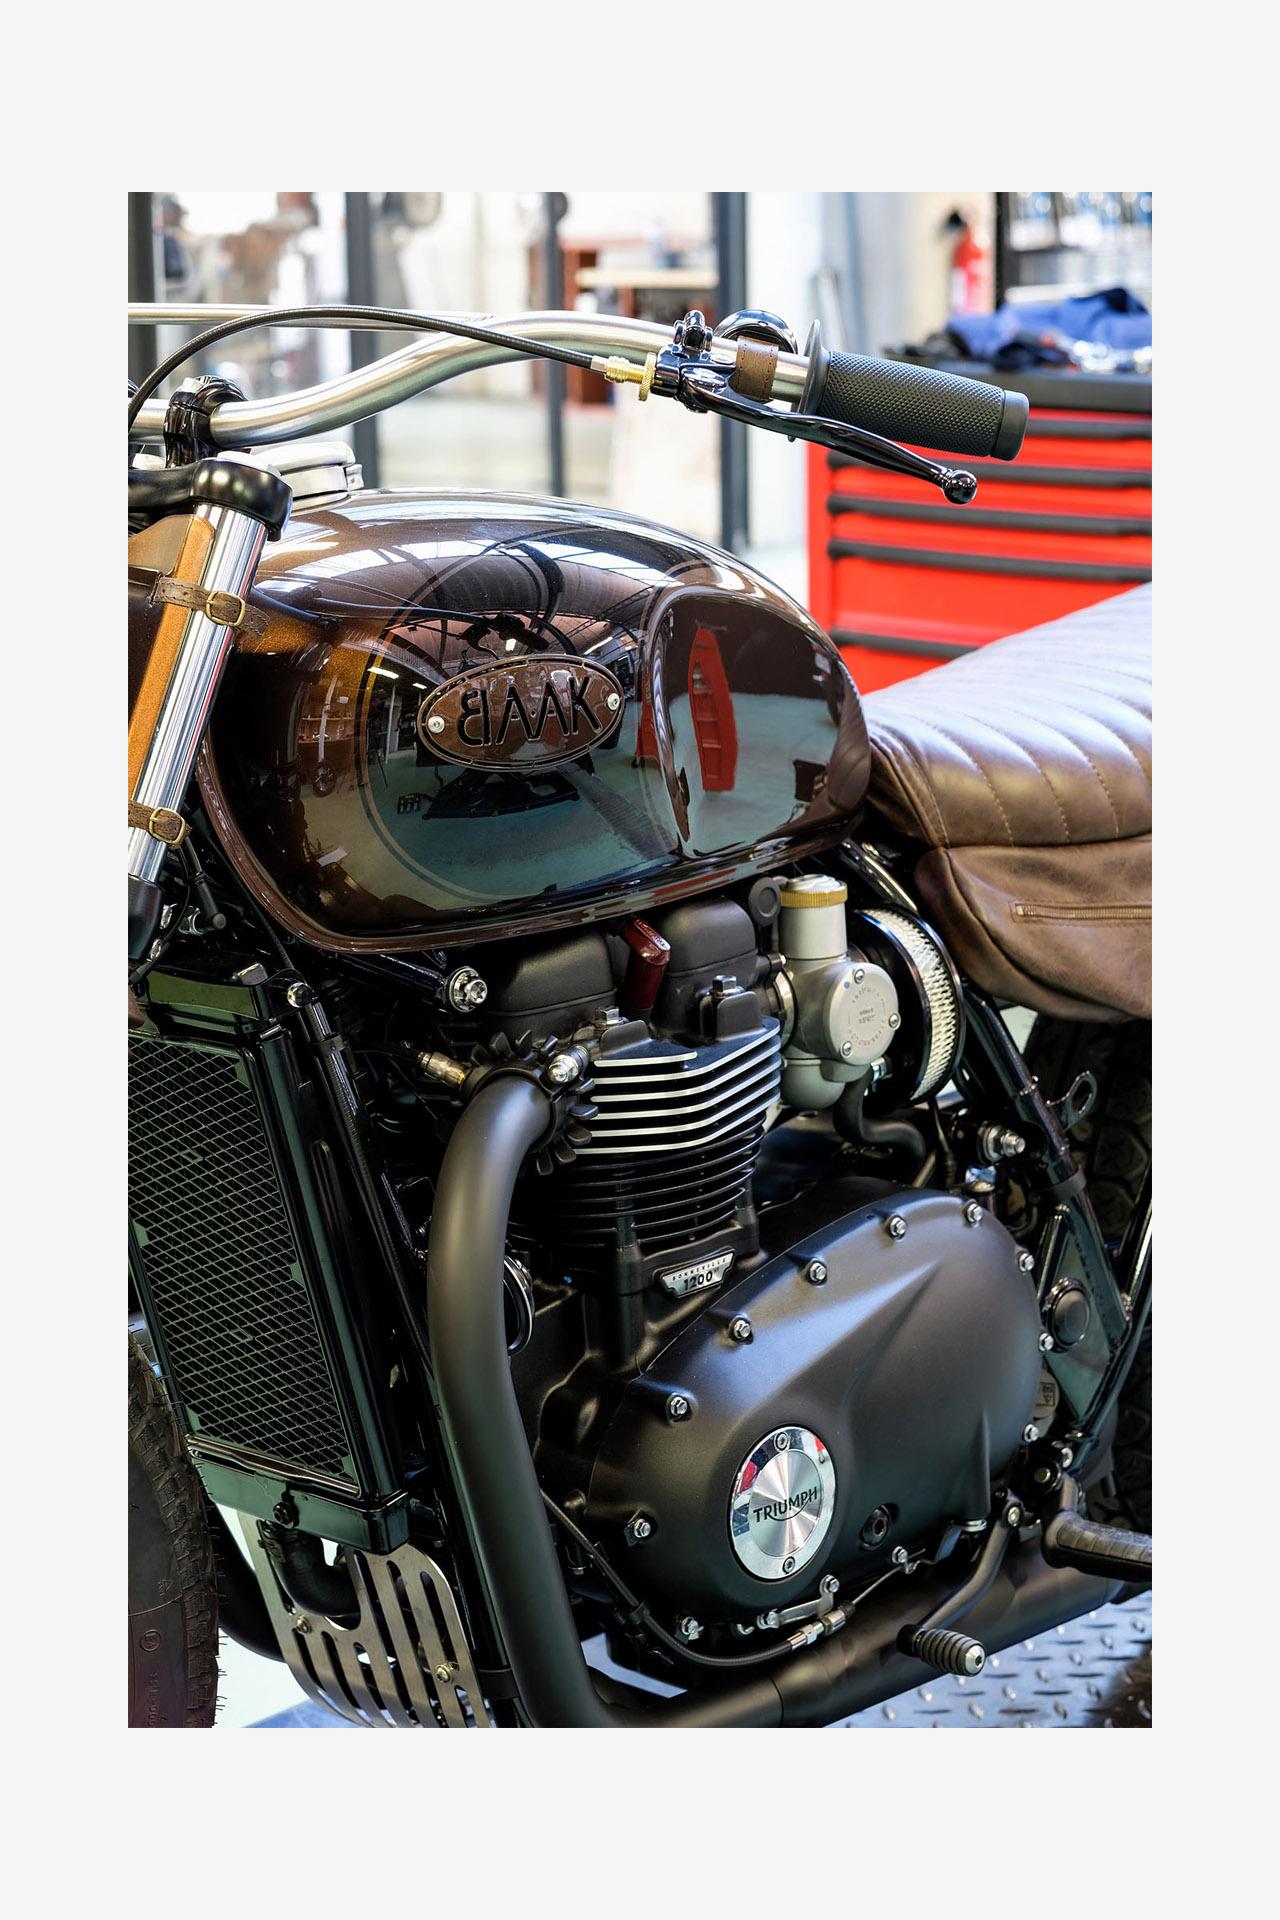 baak-motocyclettes-32B